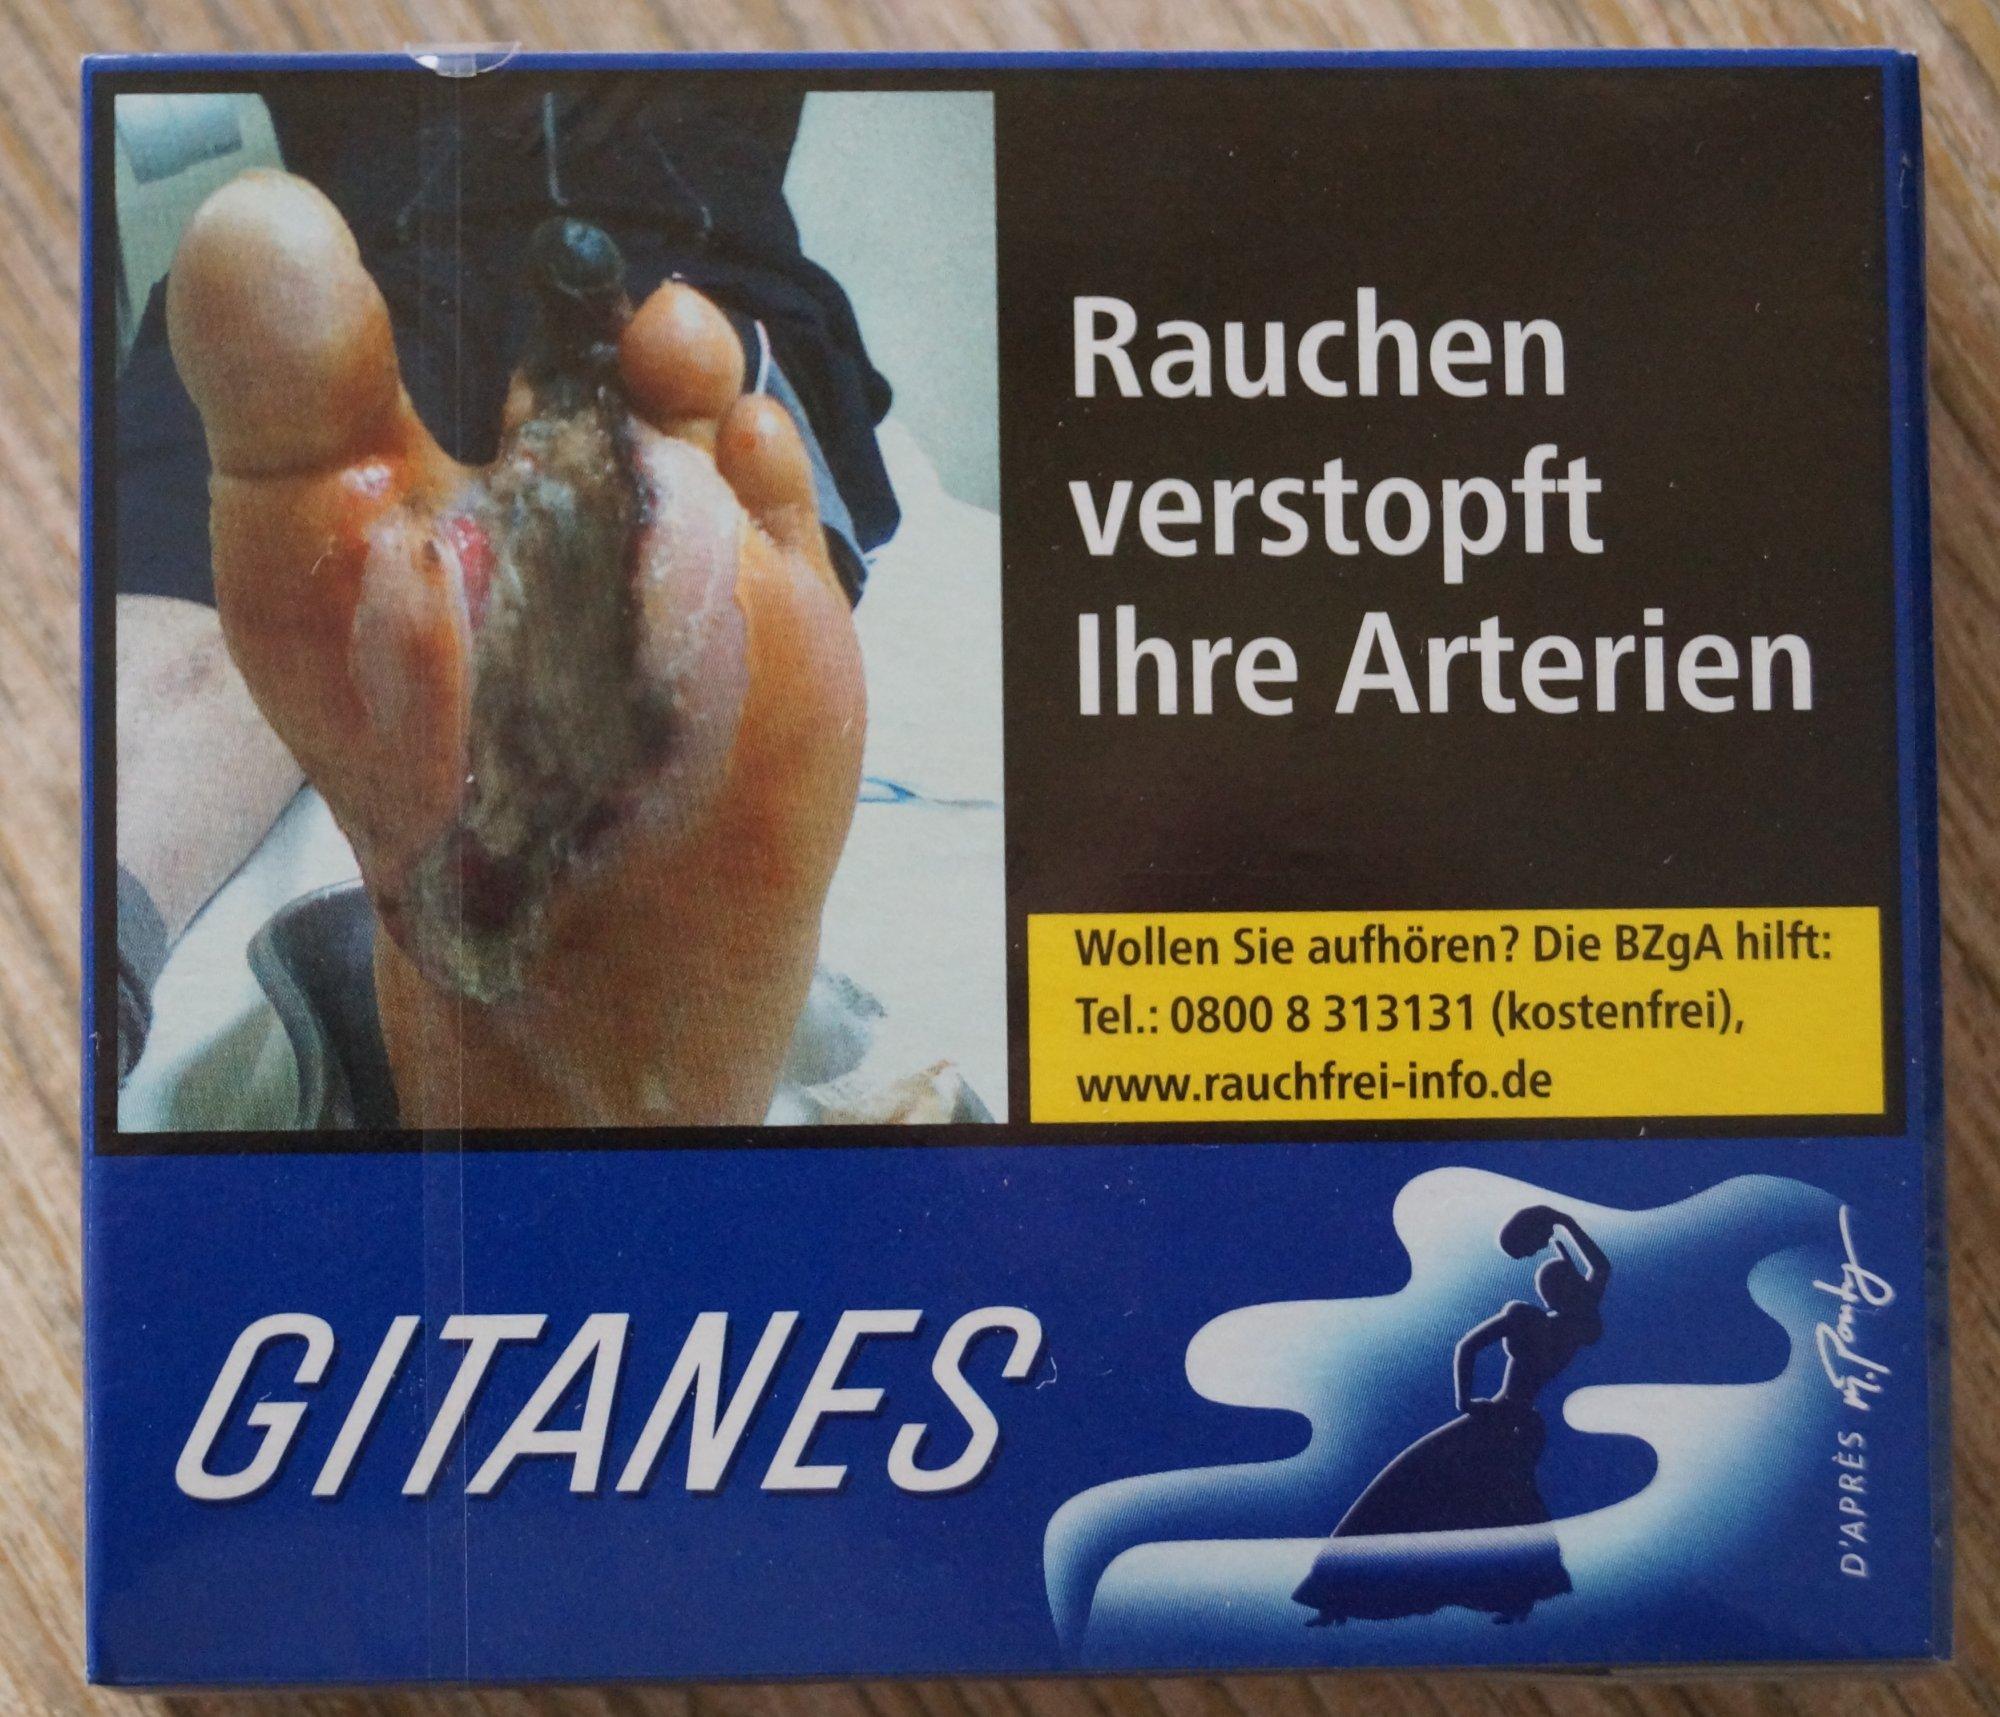 zigaretten schockbilder schockfotos